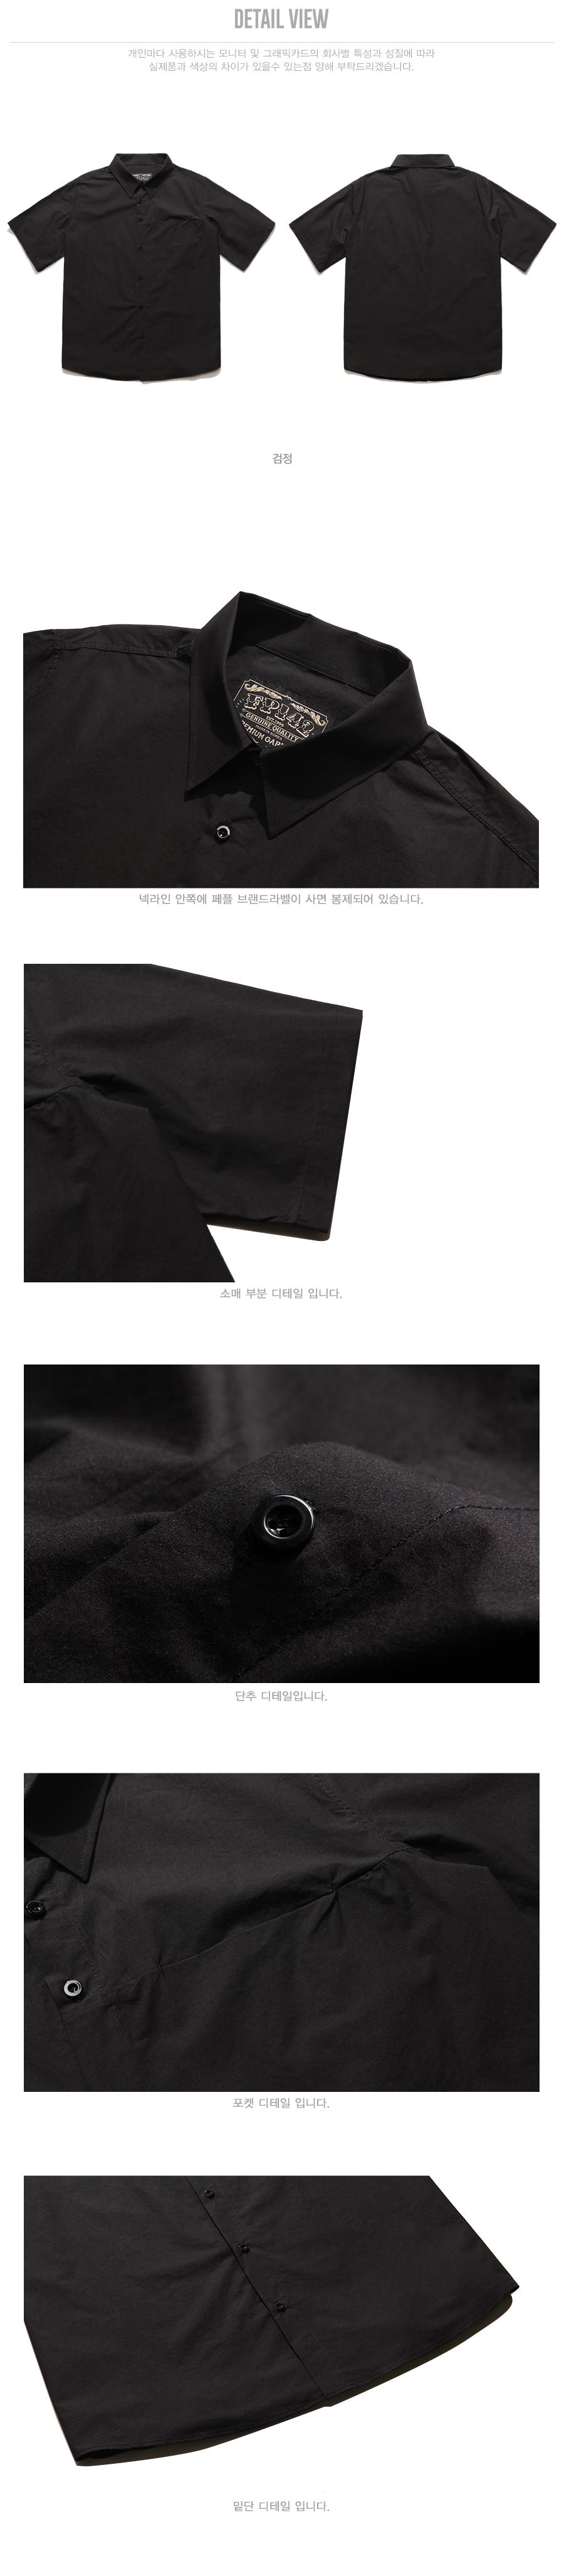 20180508_fp_slowtone_shirts_black_yr.jpg